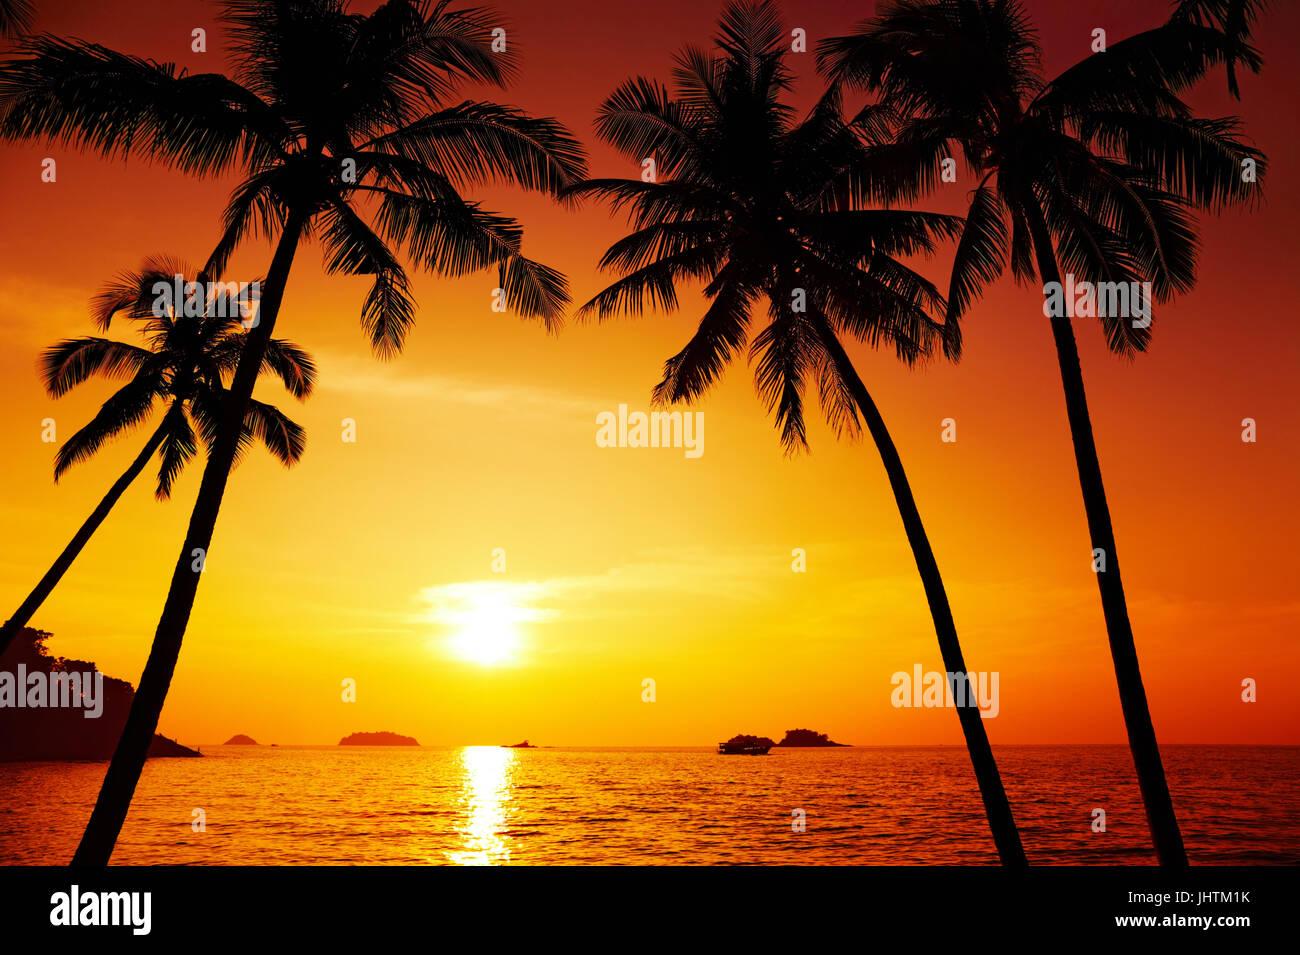 Silhouette de palmiers au coucher du soleil, Chang island, Thaïlande Photo Stock